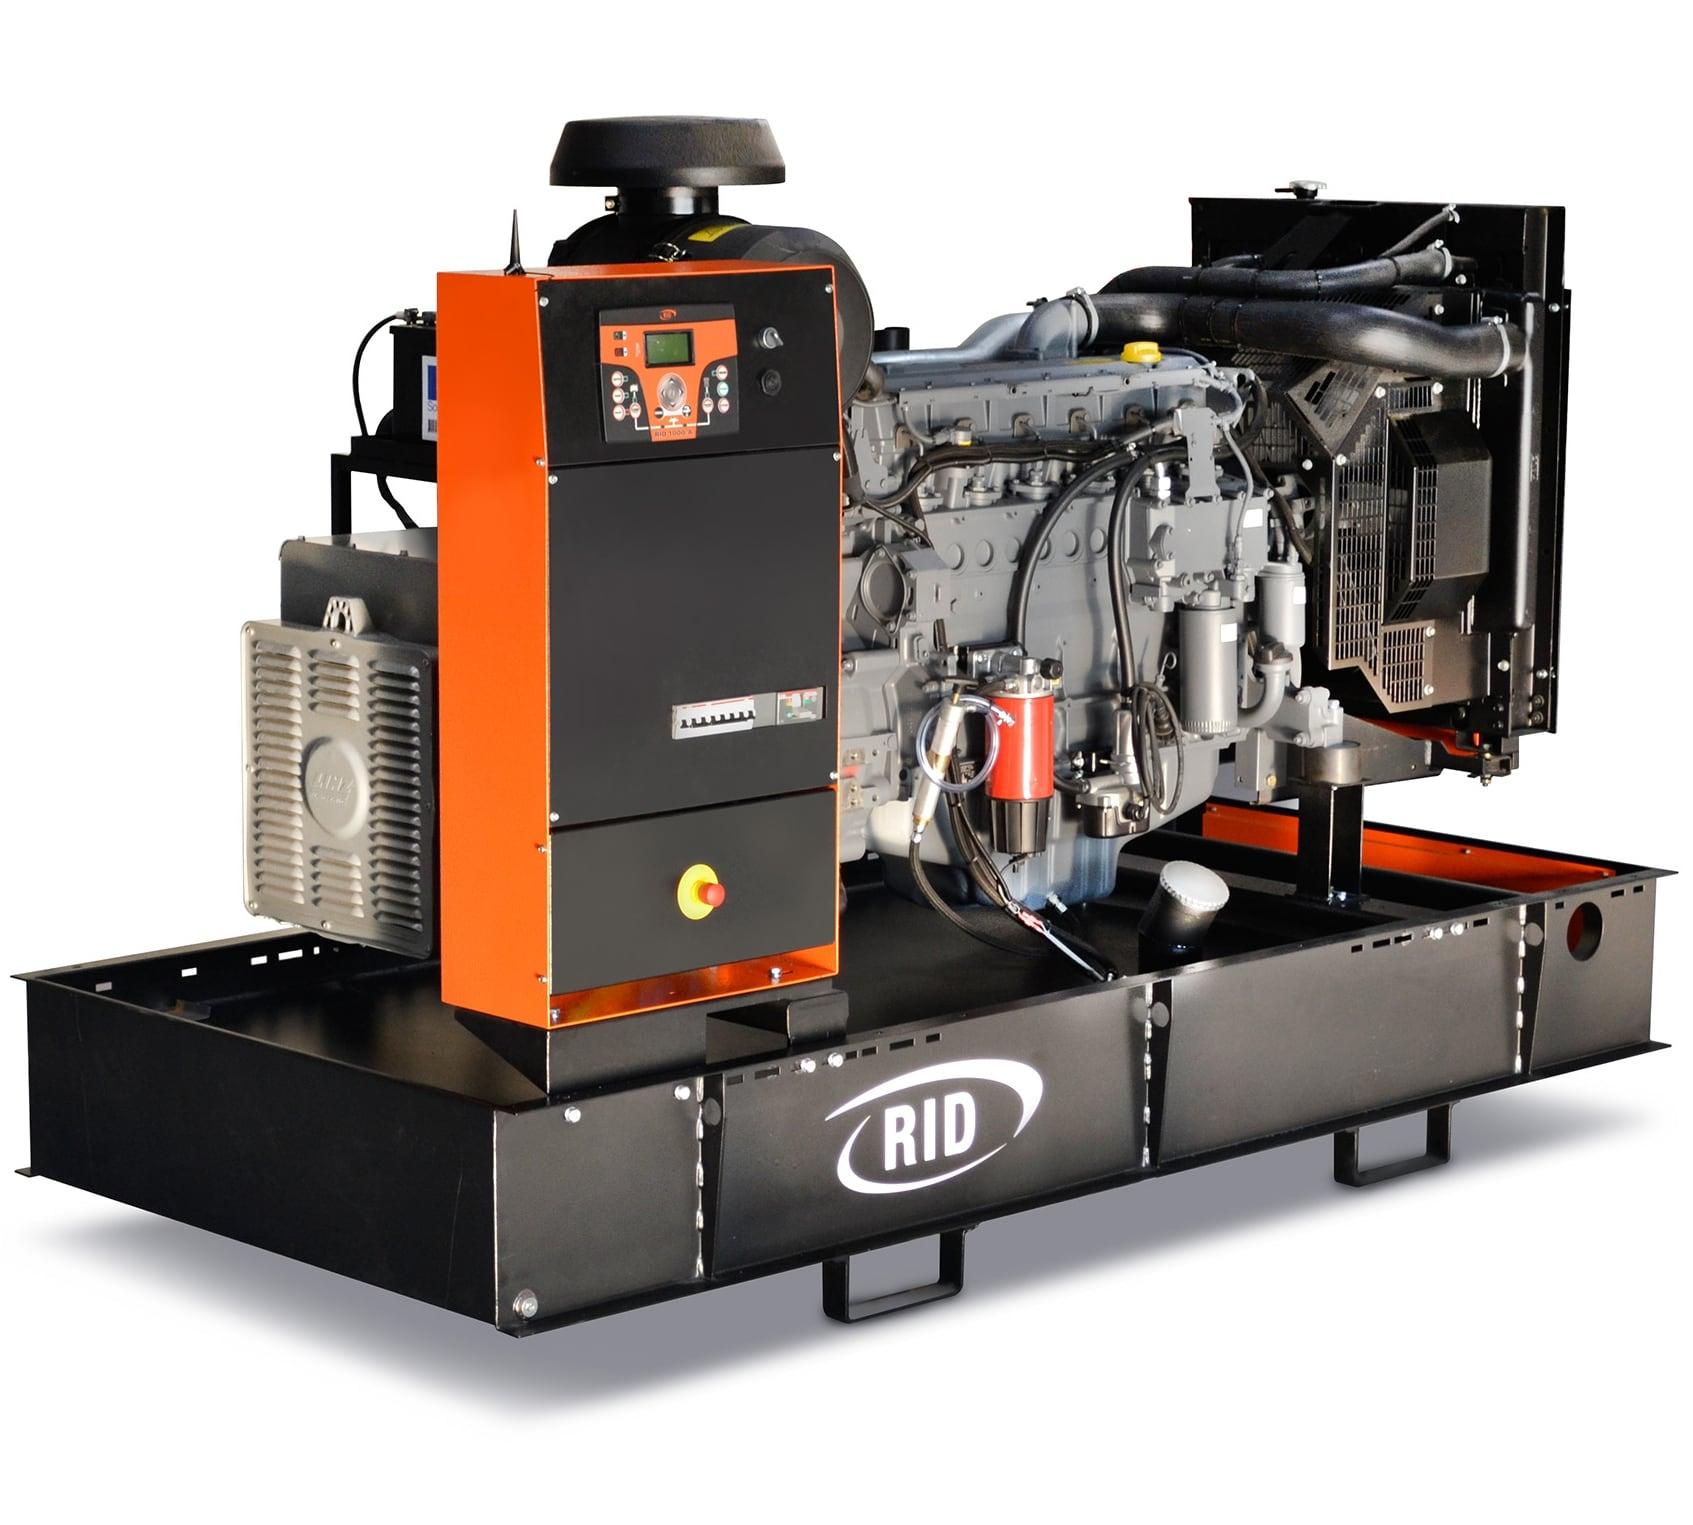 дизельная электростанция rid 150 s-series